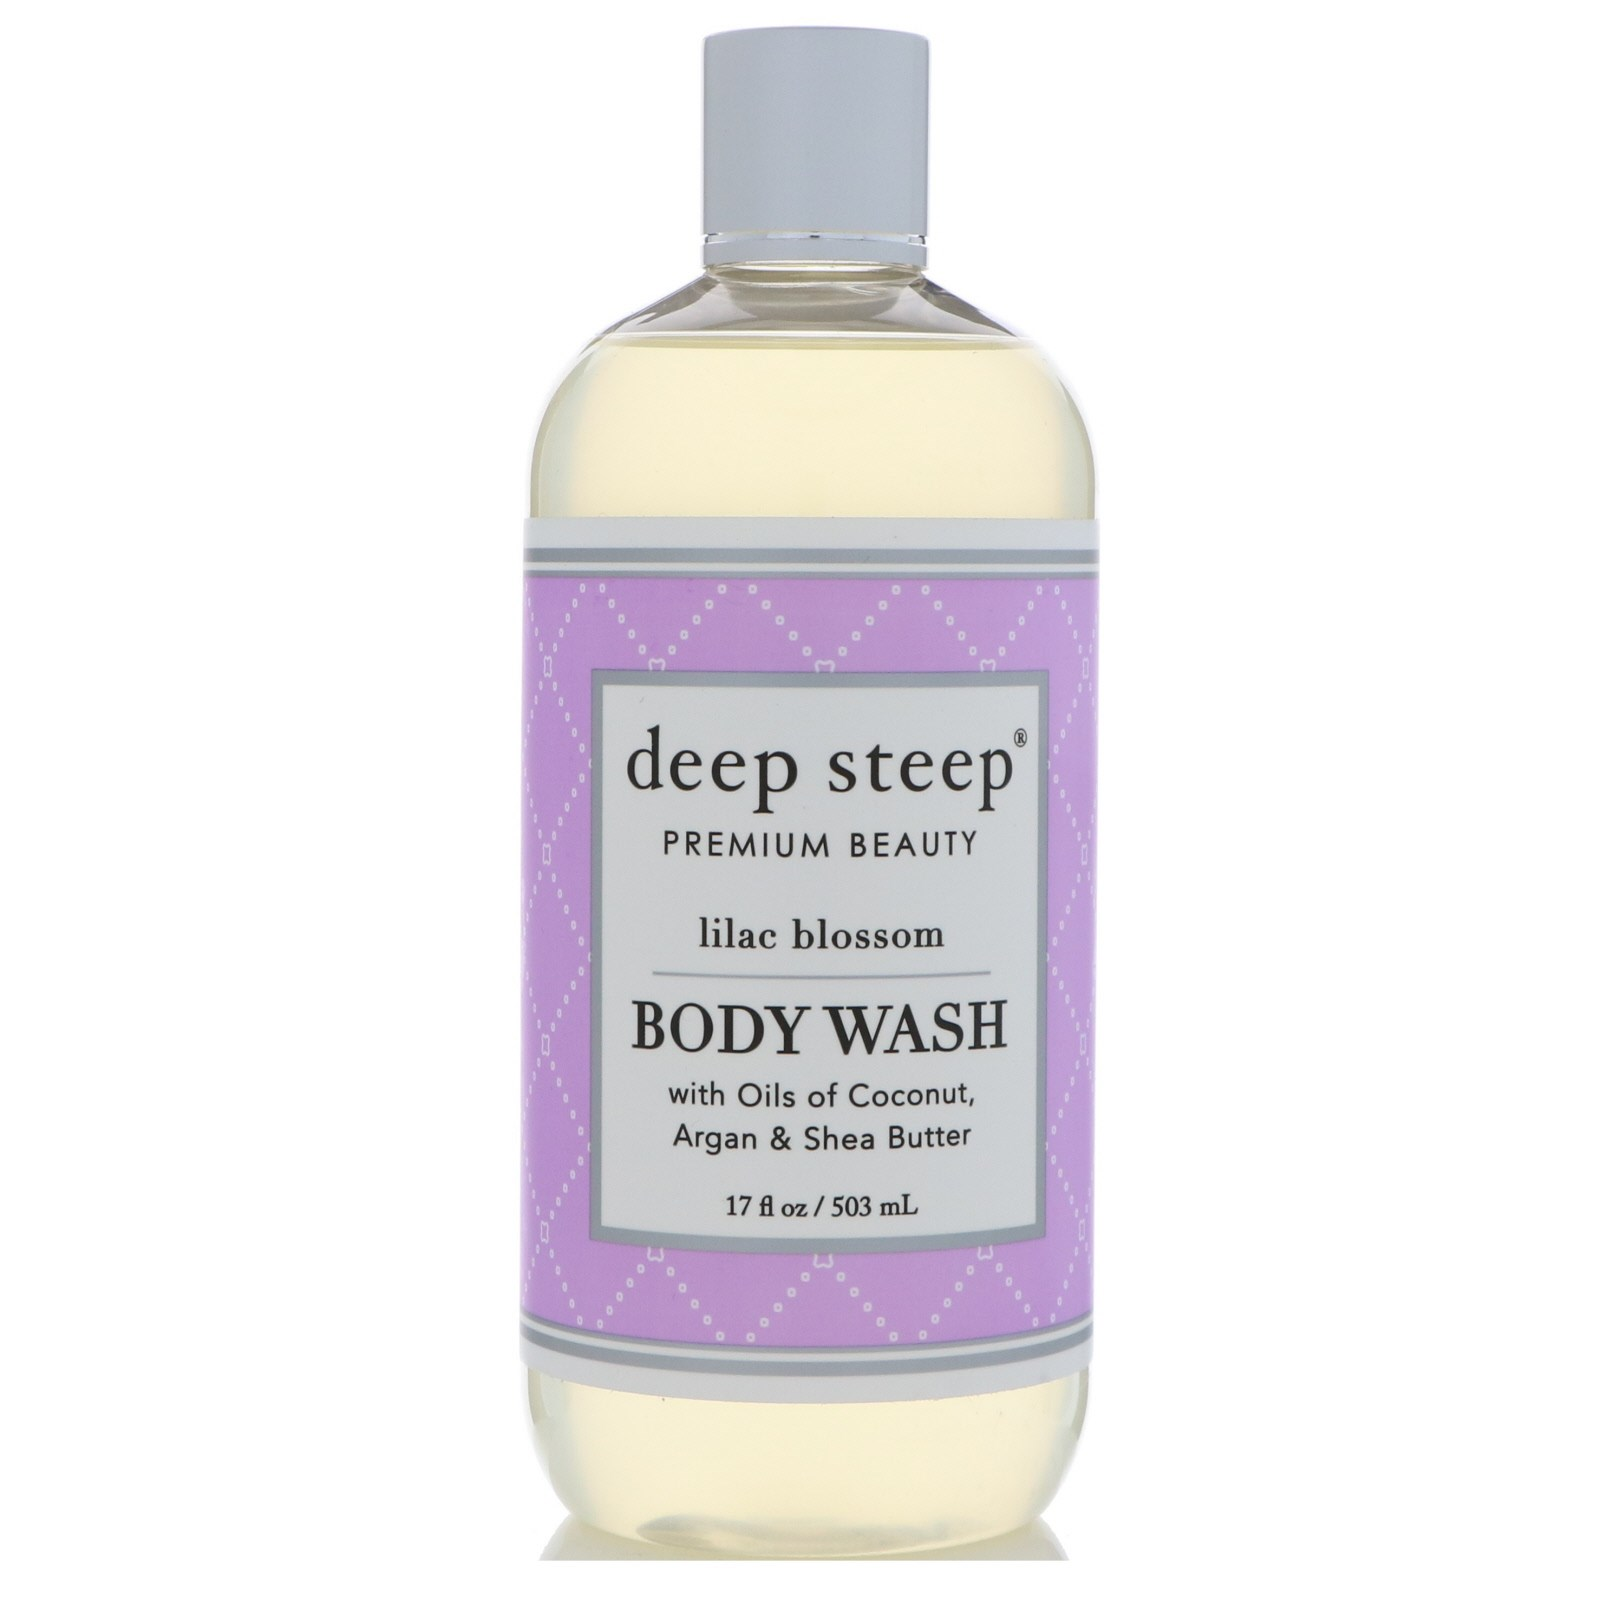 Deep Steep, Body Wash, Lilac Blossom, 17 fl oz (503 ml)